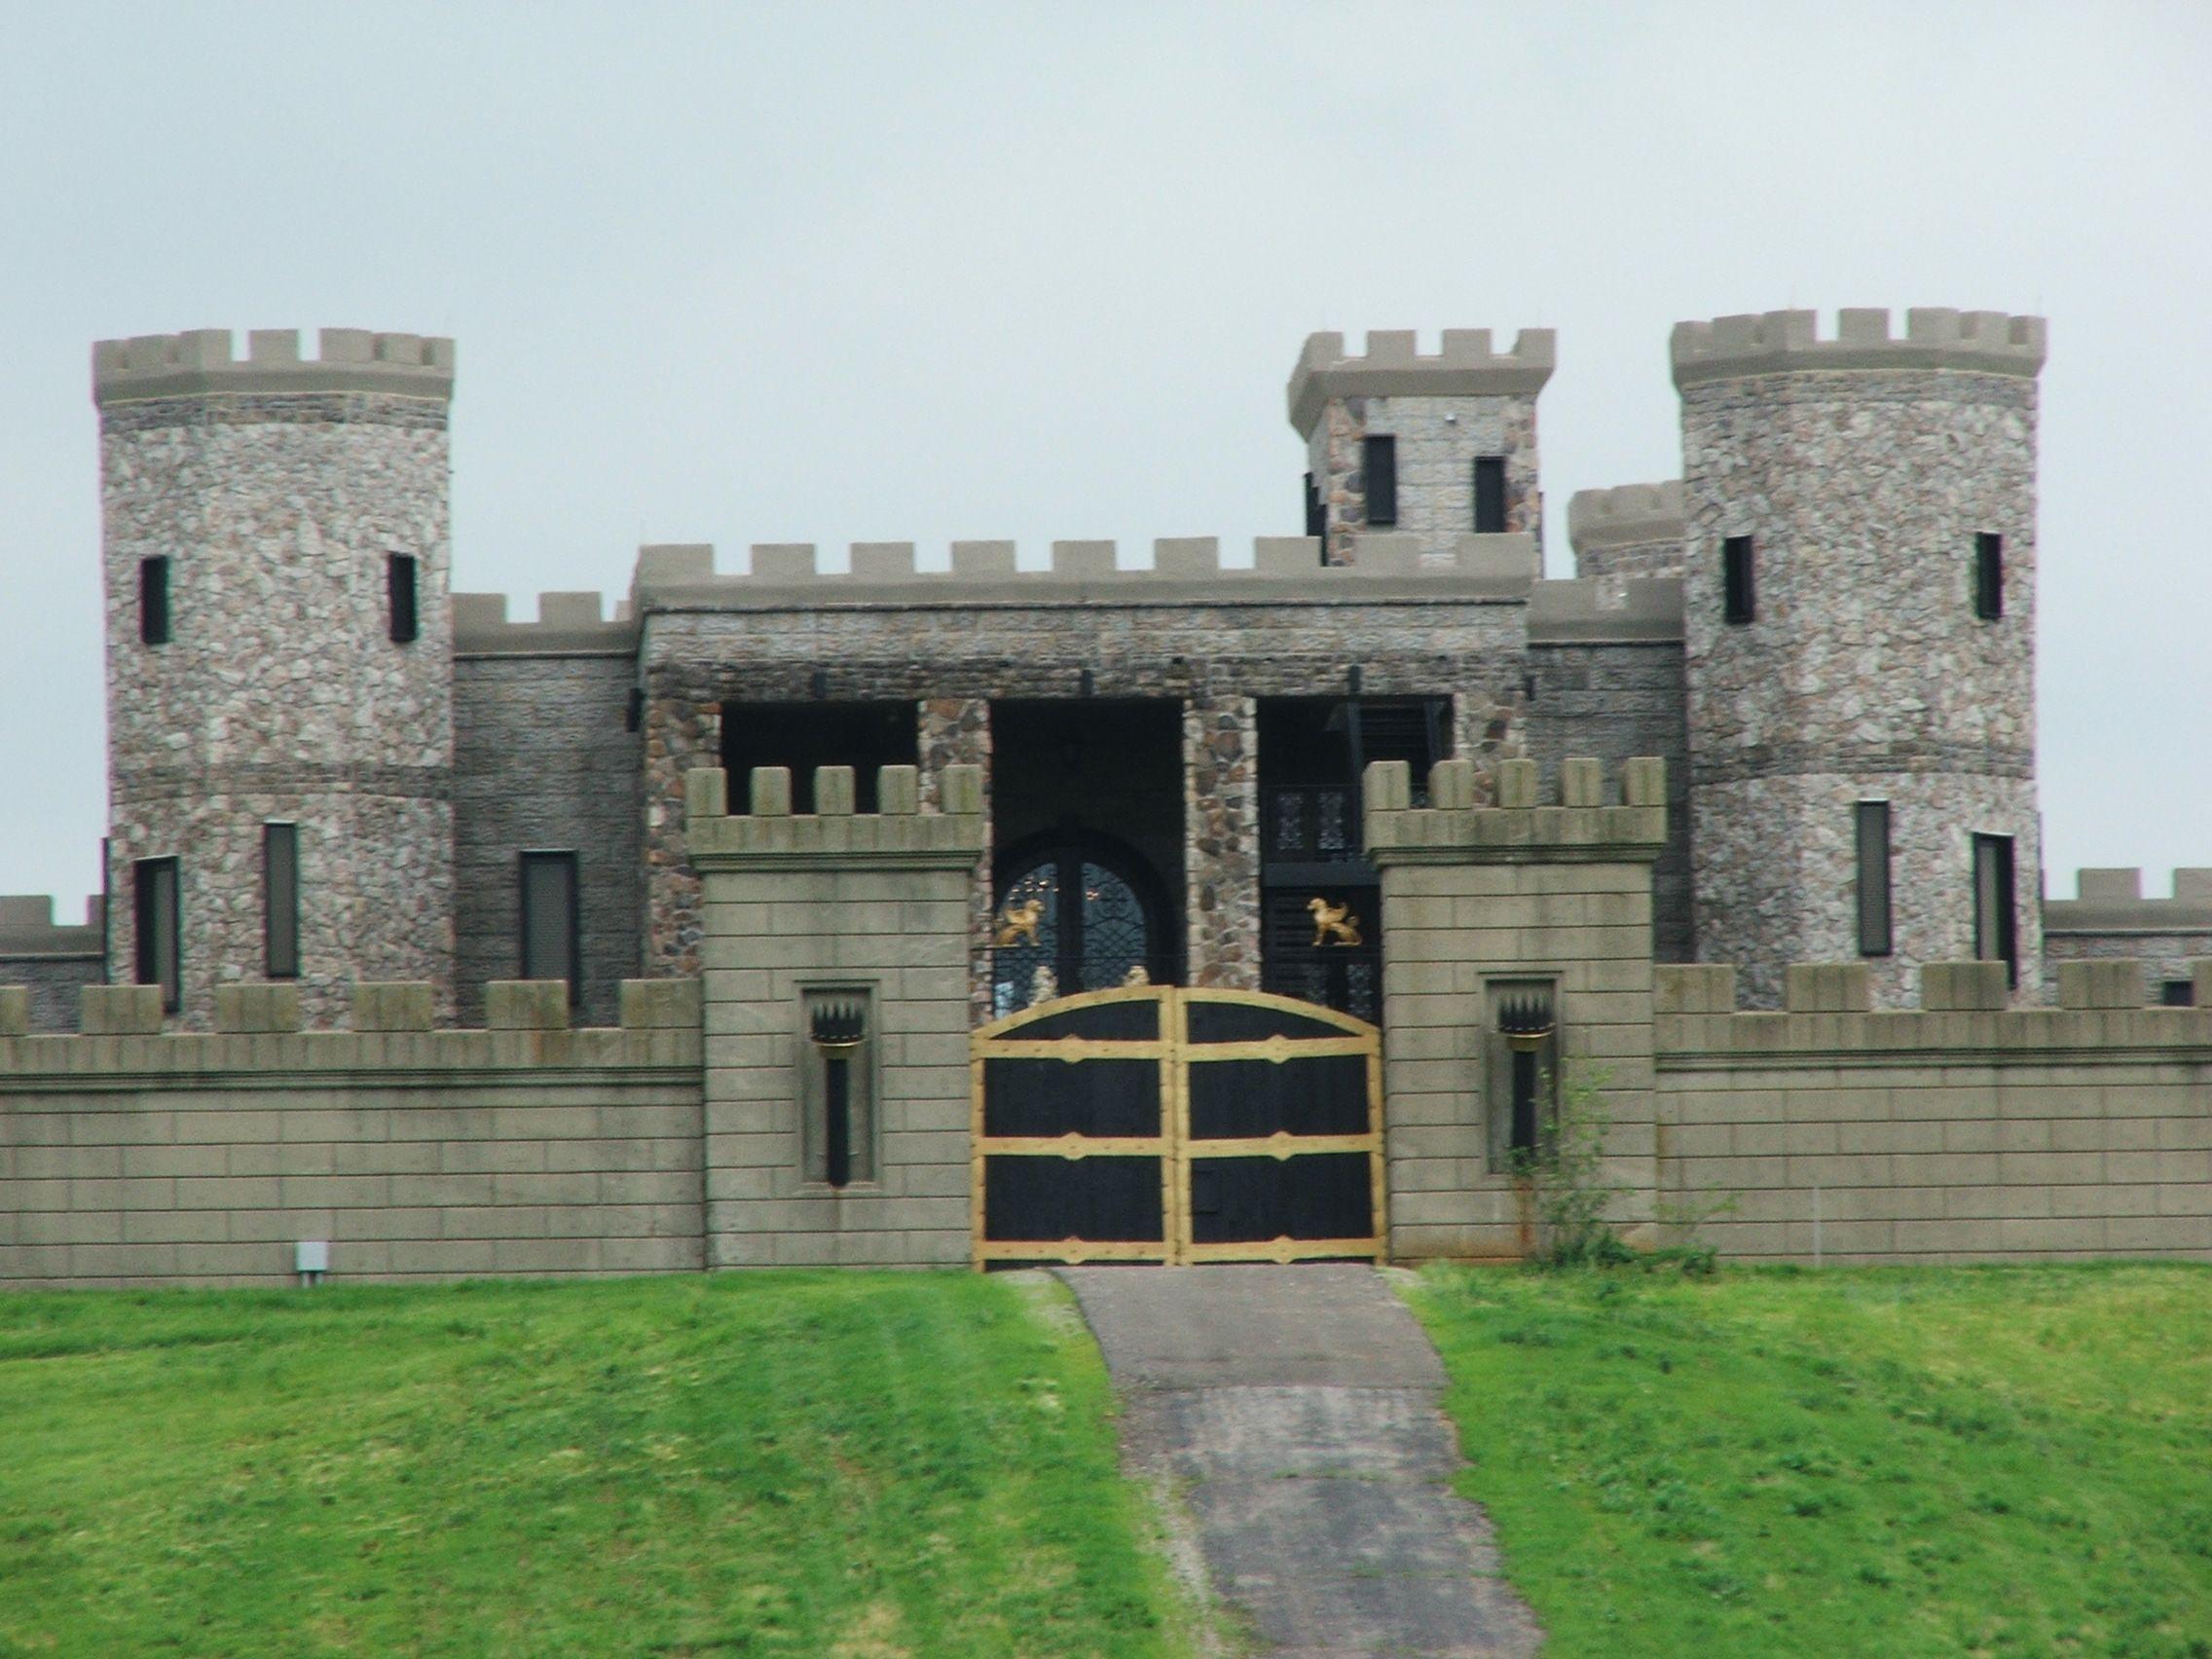 Versailles Castle Lexington Kentucky Is Now Open As A Hotel And Wedding Venue